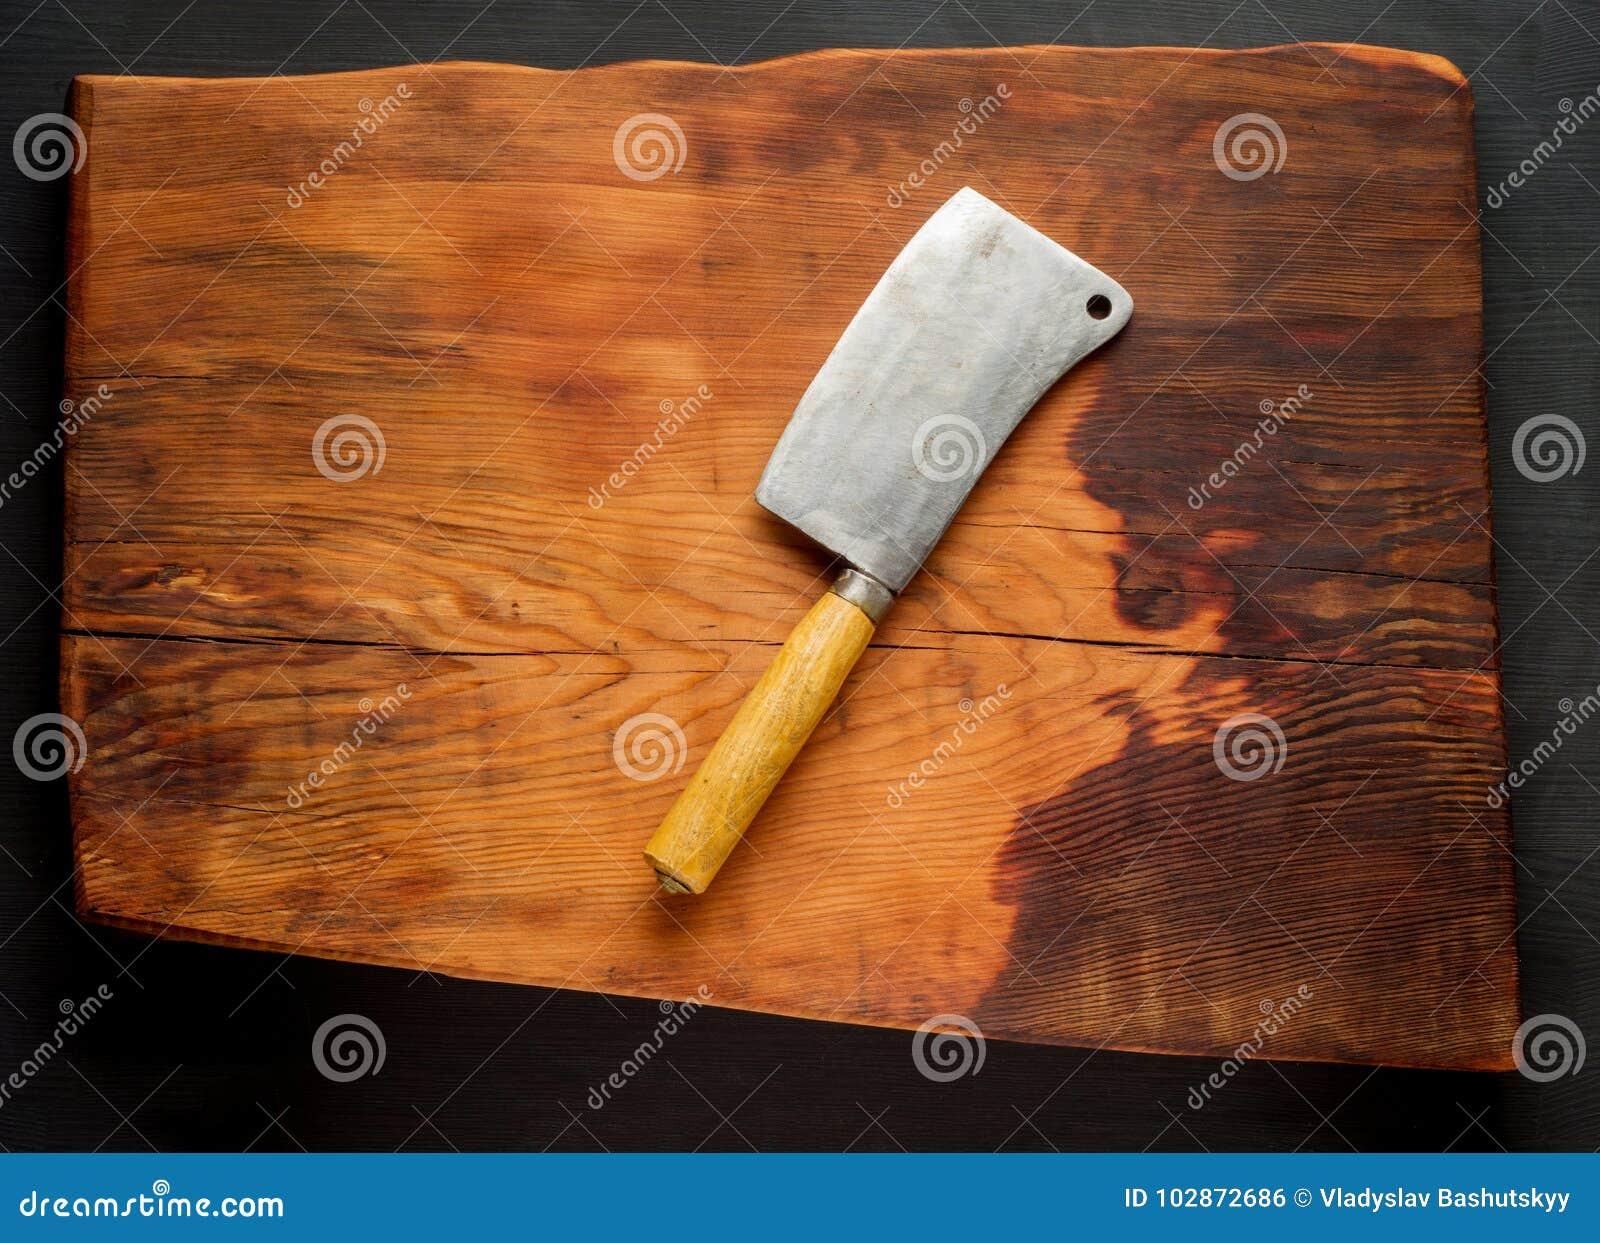 χασάπης Εκλεκτής ποιότητας μπαλτάδες κρέατος χασάπηδων στο σκοτεινό ξύλινο υπόβαθρο πινάκων κουζινών